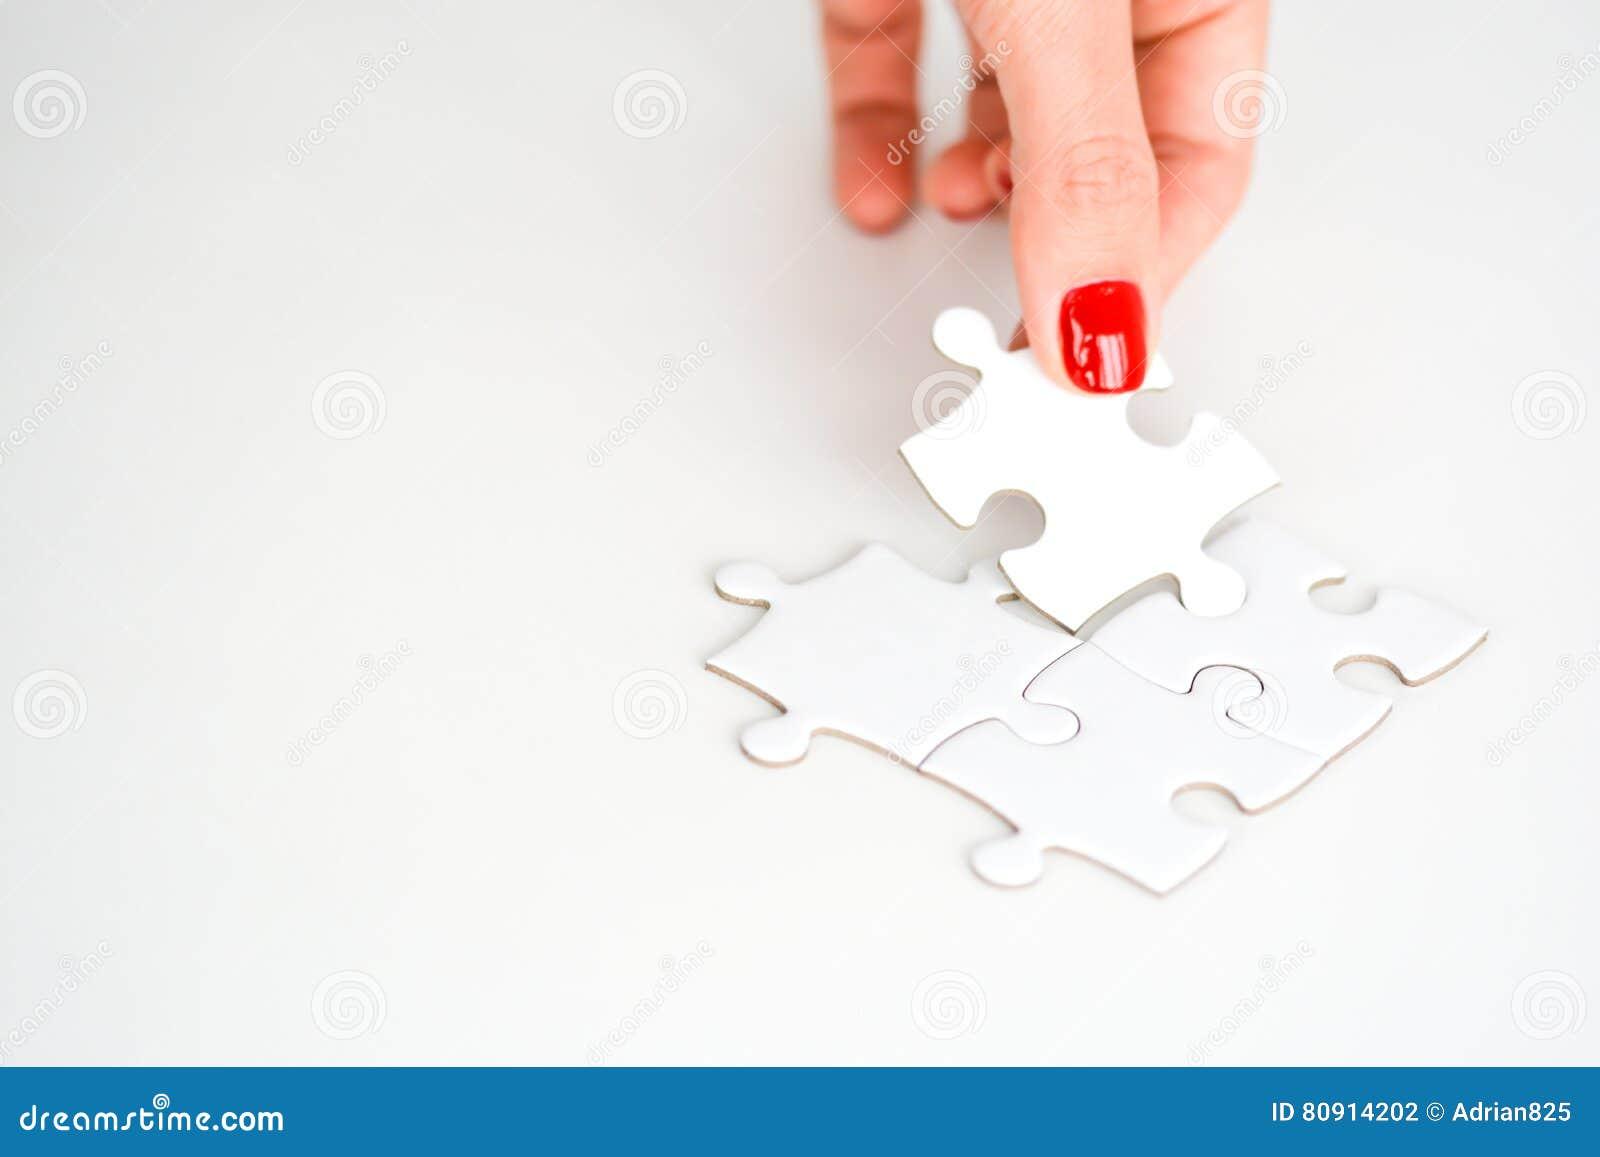 Mano de la mujer que cabe el pedazo correcto de rompecabezas que sugiere concepto del establecimiento de una red del negocio